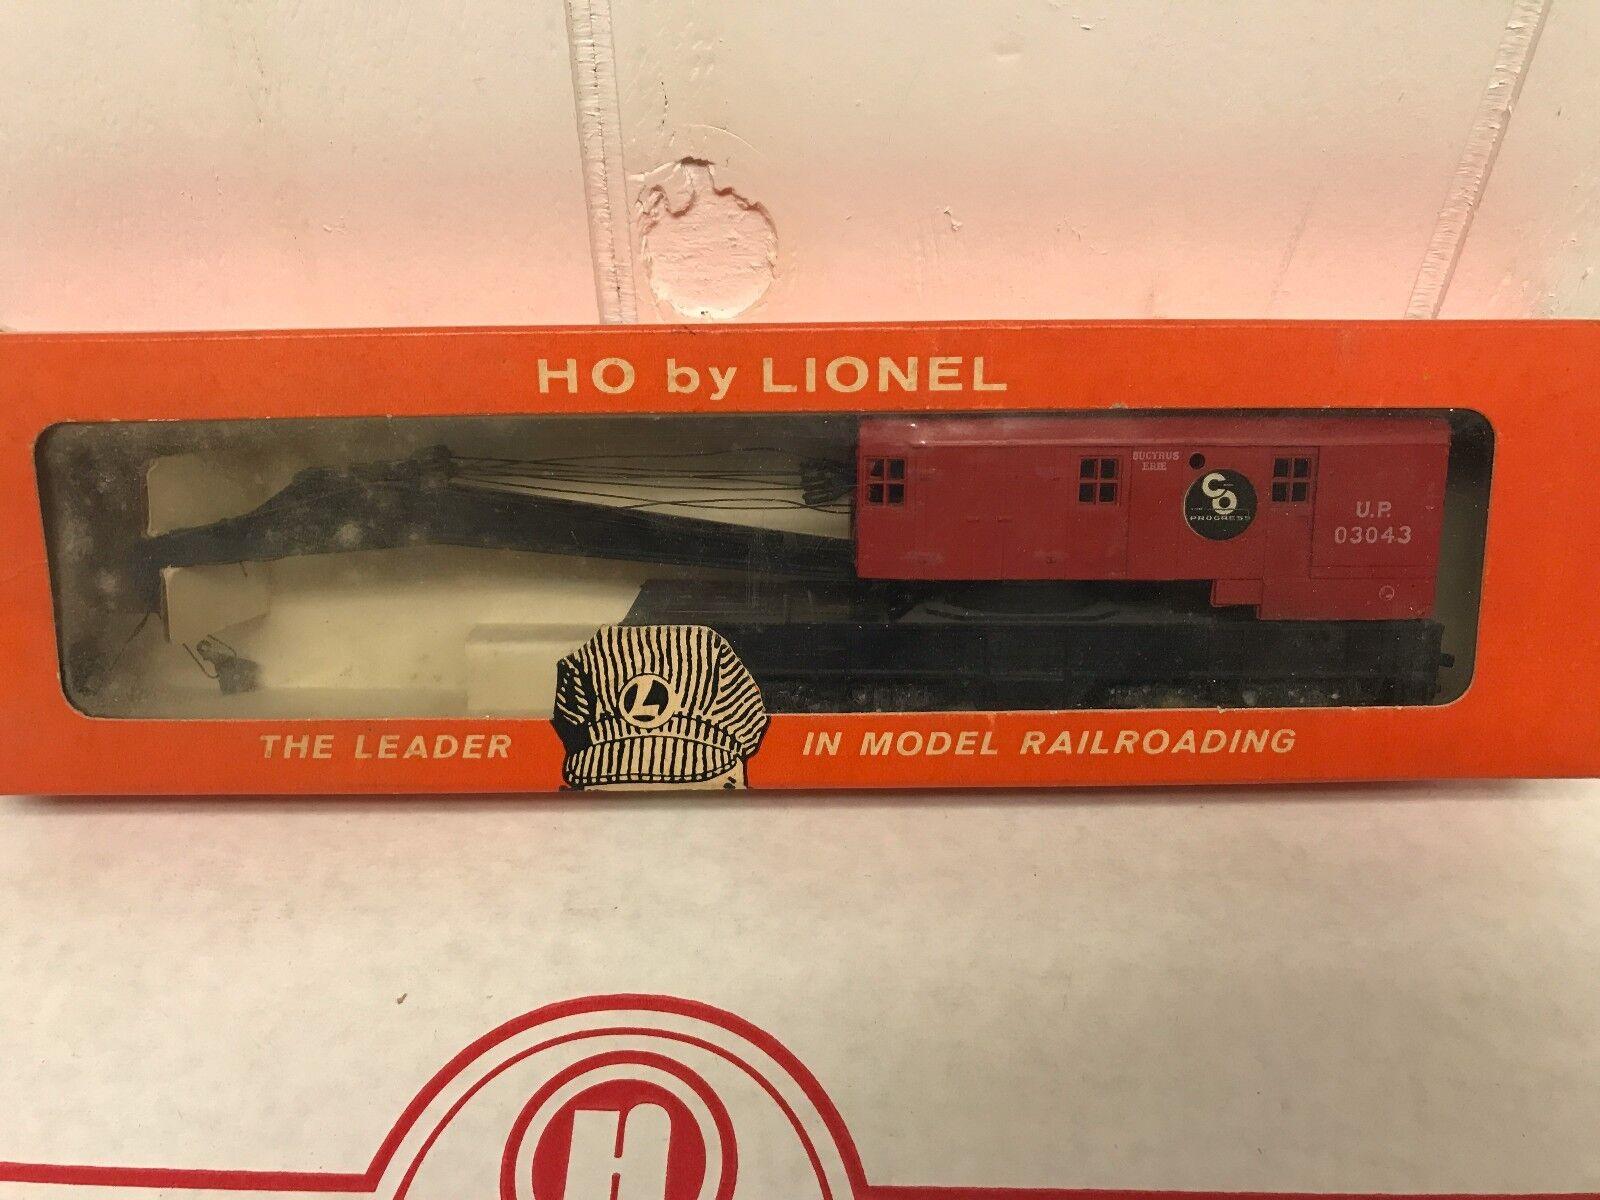 Tren Lionel Escala HO Coche 0879 Union Pacific grúa Coche Vintage Caja Original